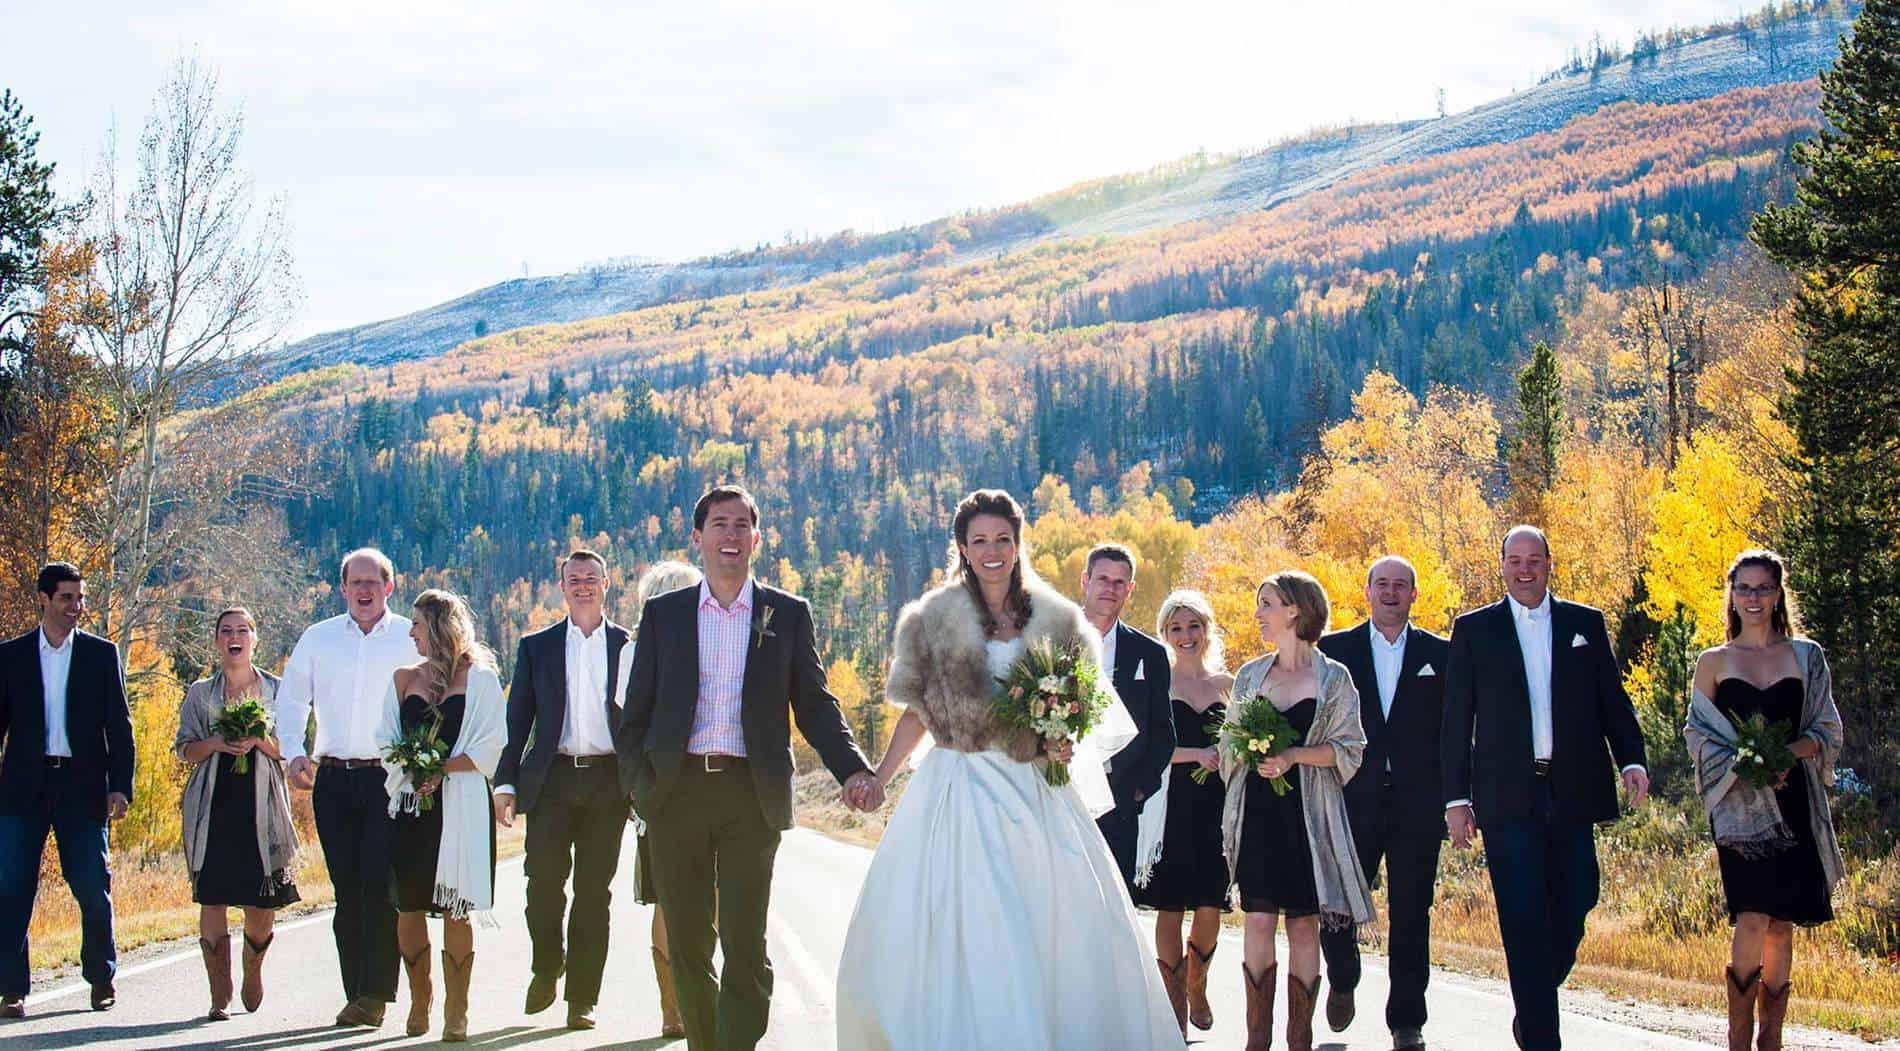 colorado mountain wedding venue c lazy u luxury dude ranch